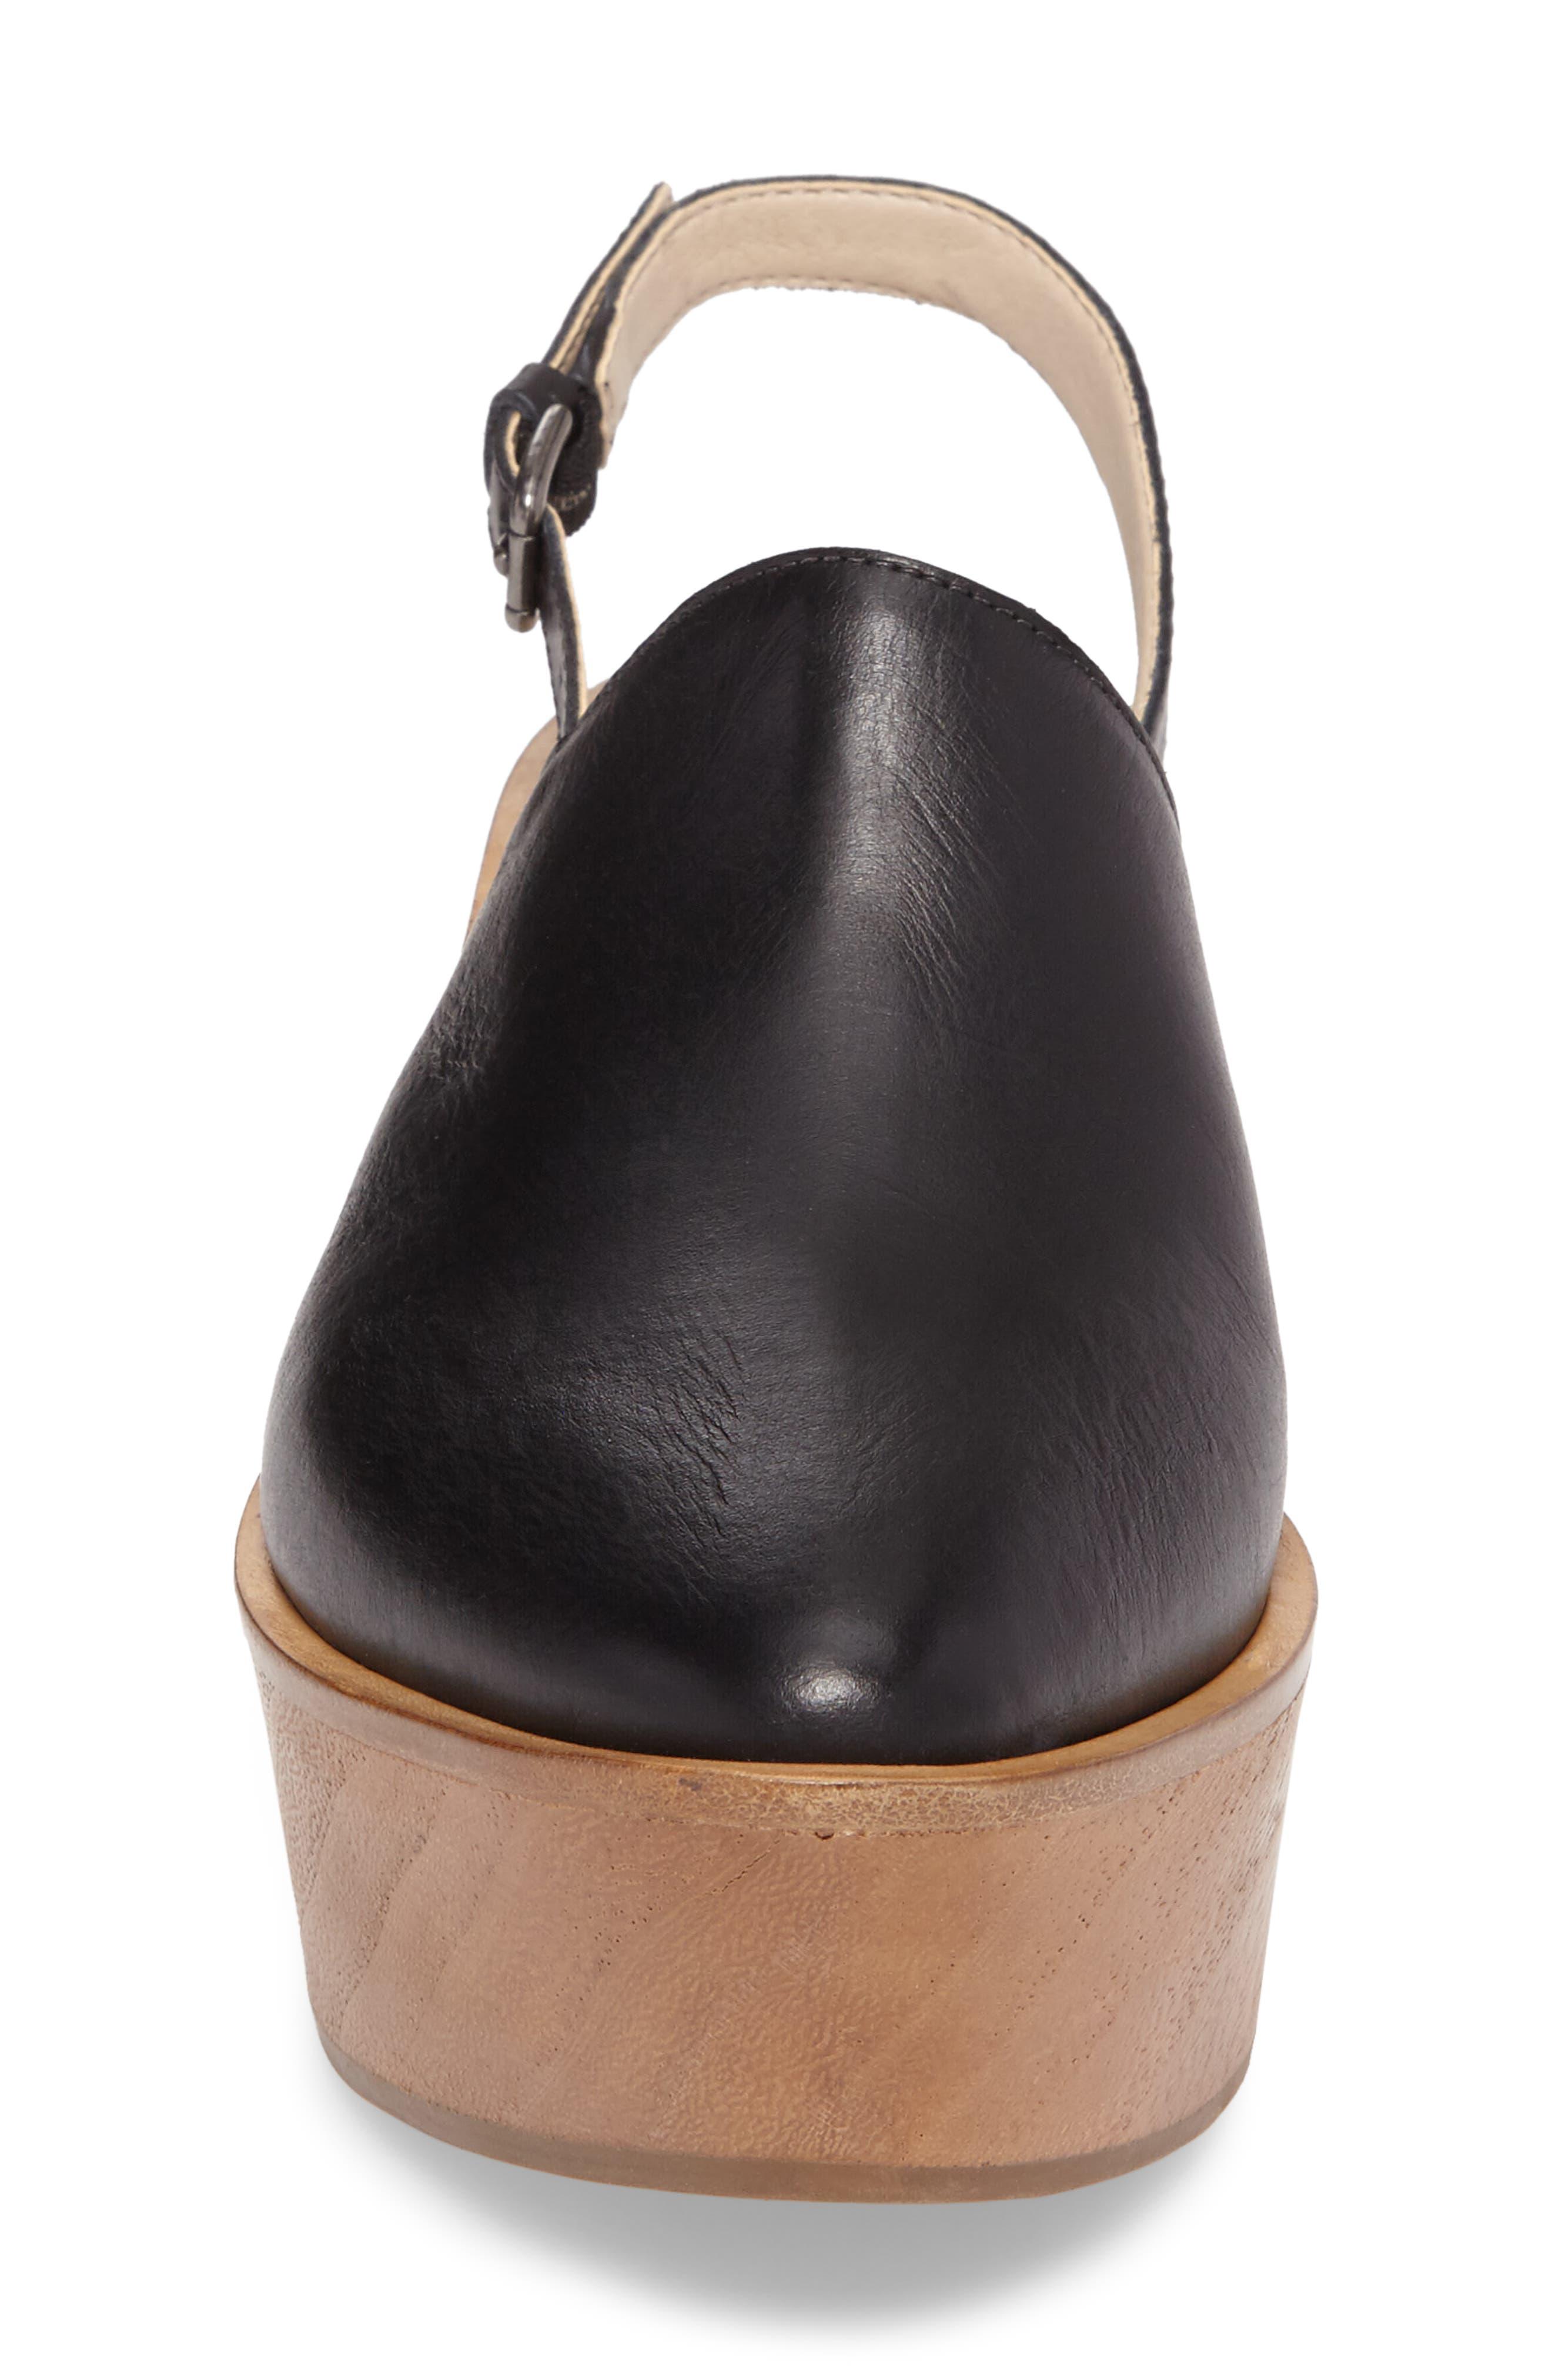 Eyals Slingback Platform Wedge Sandal,                             Alternate thumbnail 4, color,                             BLACK LEATHER